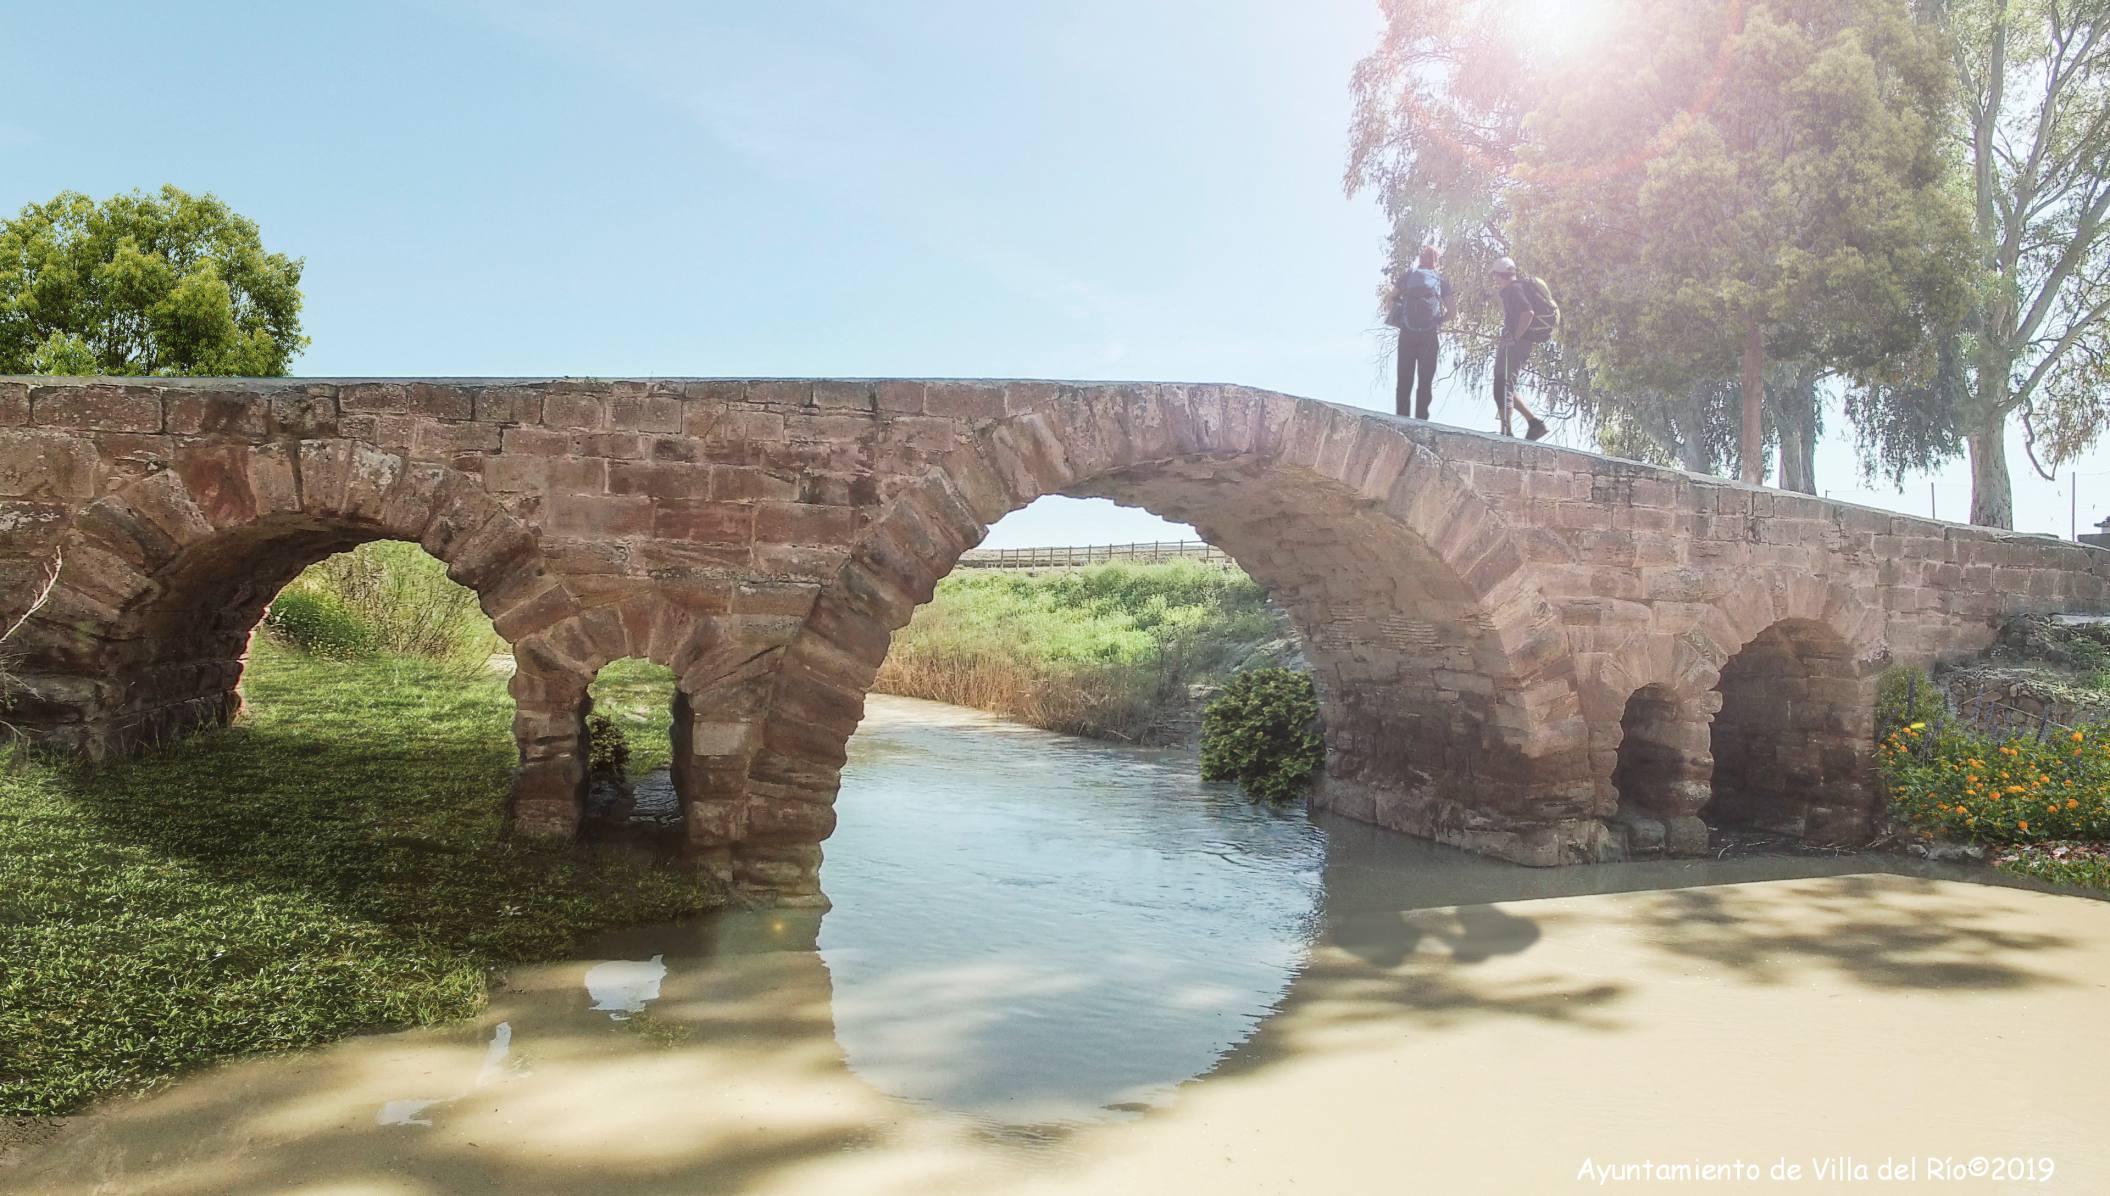 El Puente Romano está enclavado en un paraje natural entre flora ribereña y a la sombra de eucaliptos